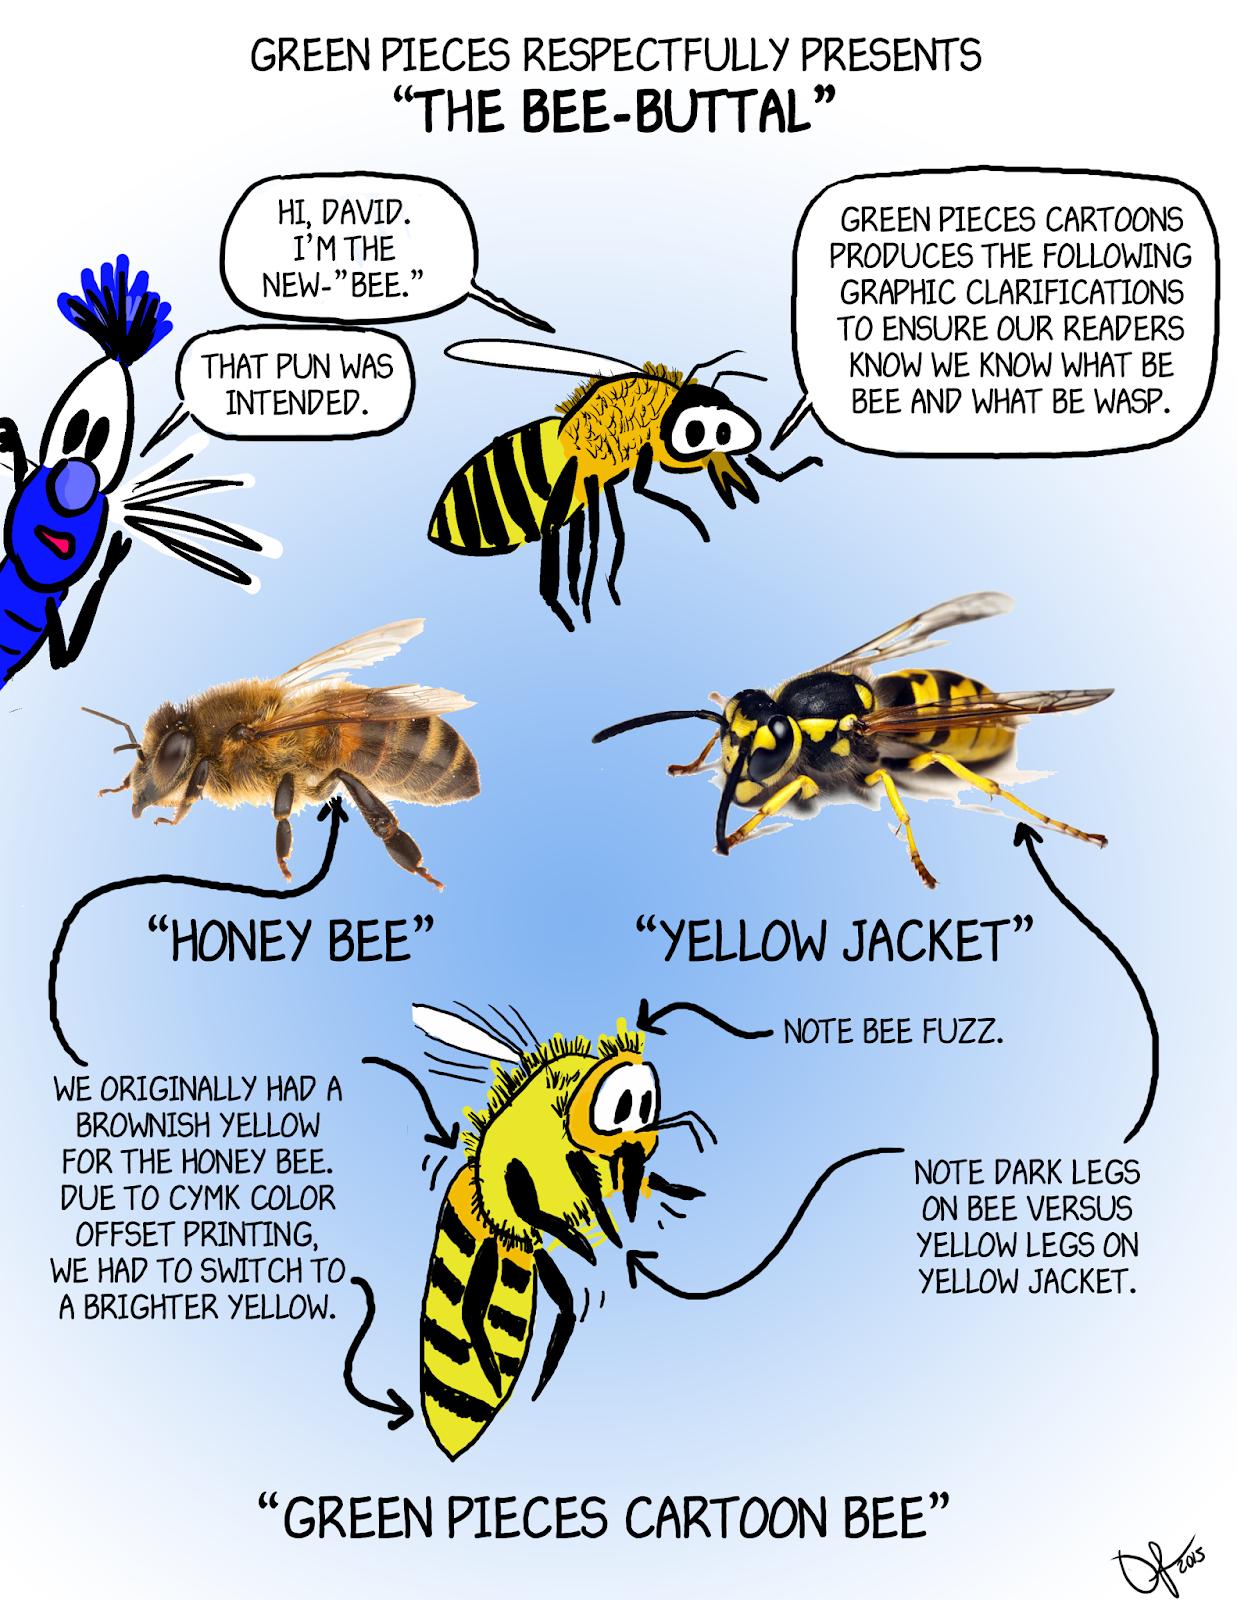 honey bees vs yellow jackets - HD1237×1600